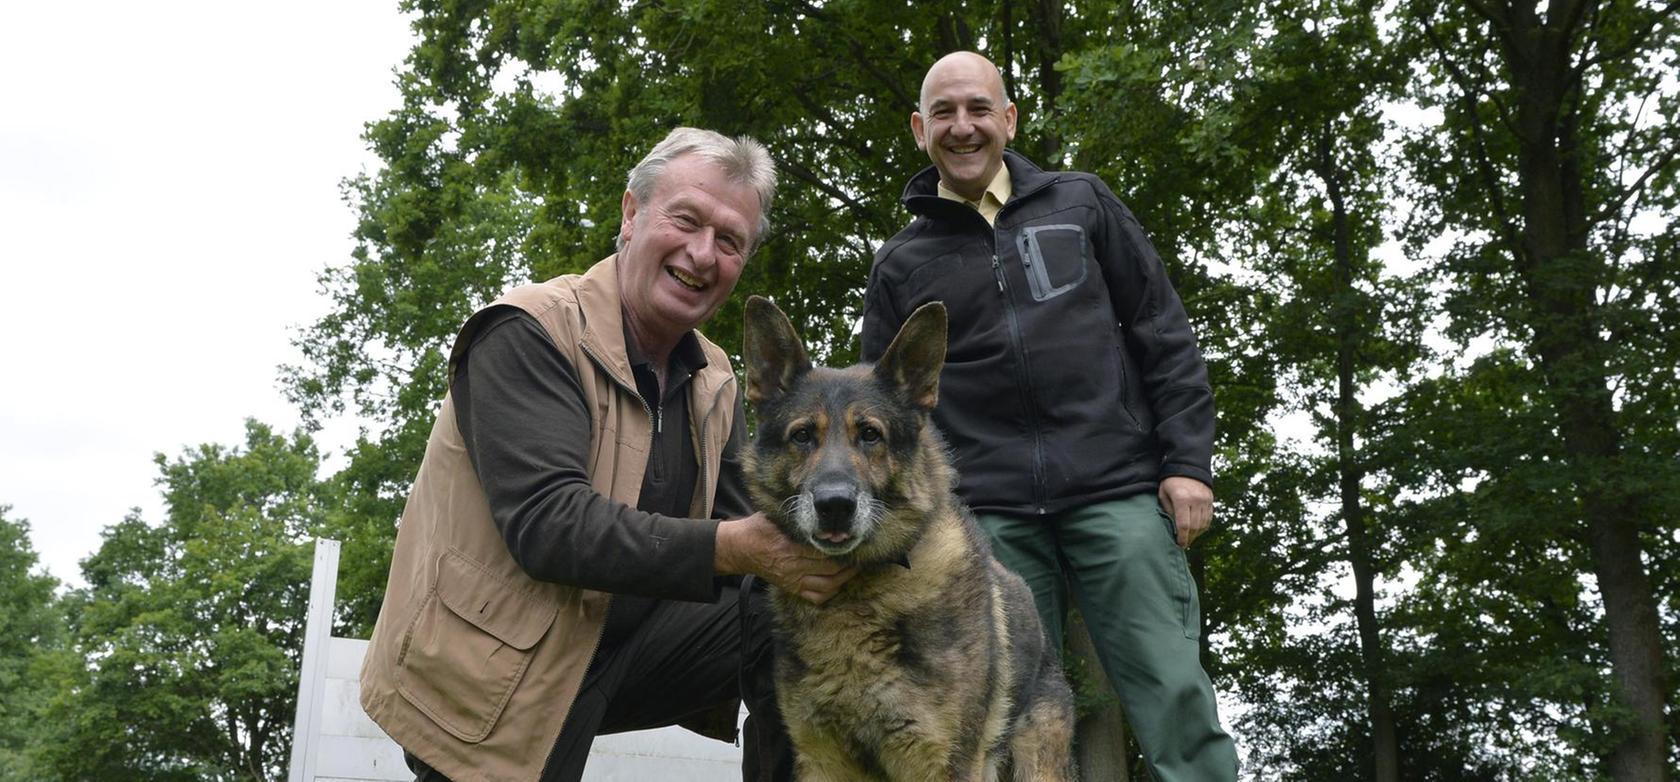 Schäferhundrüde Colin mit Arthur Engelhard (links) und Klaus Gumbrecht (rechts) auf dem Hundeplatz.